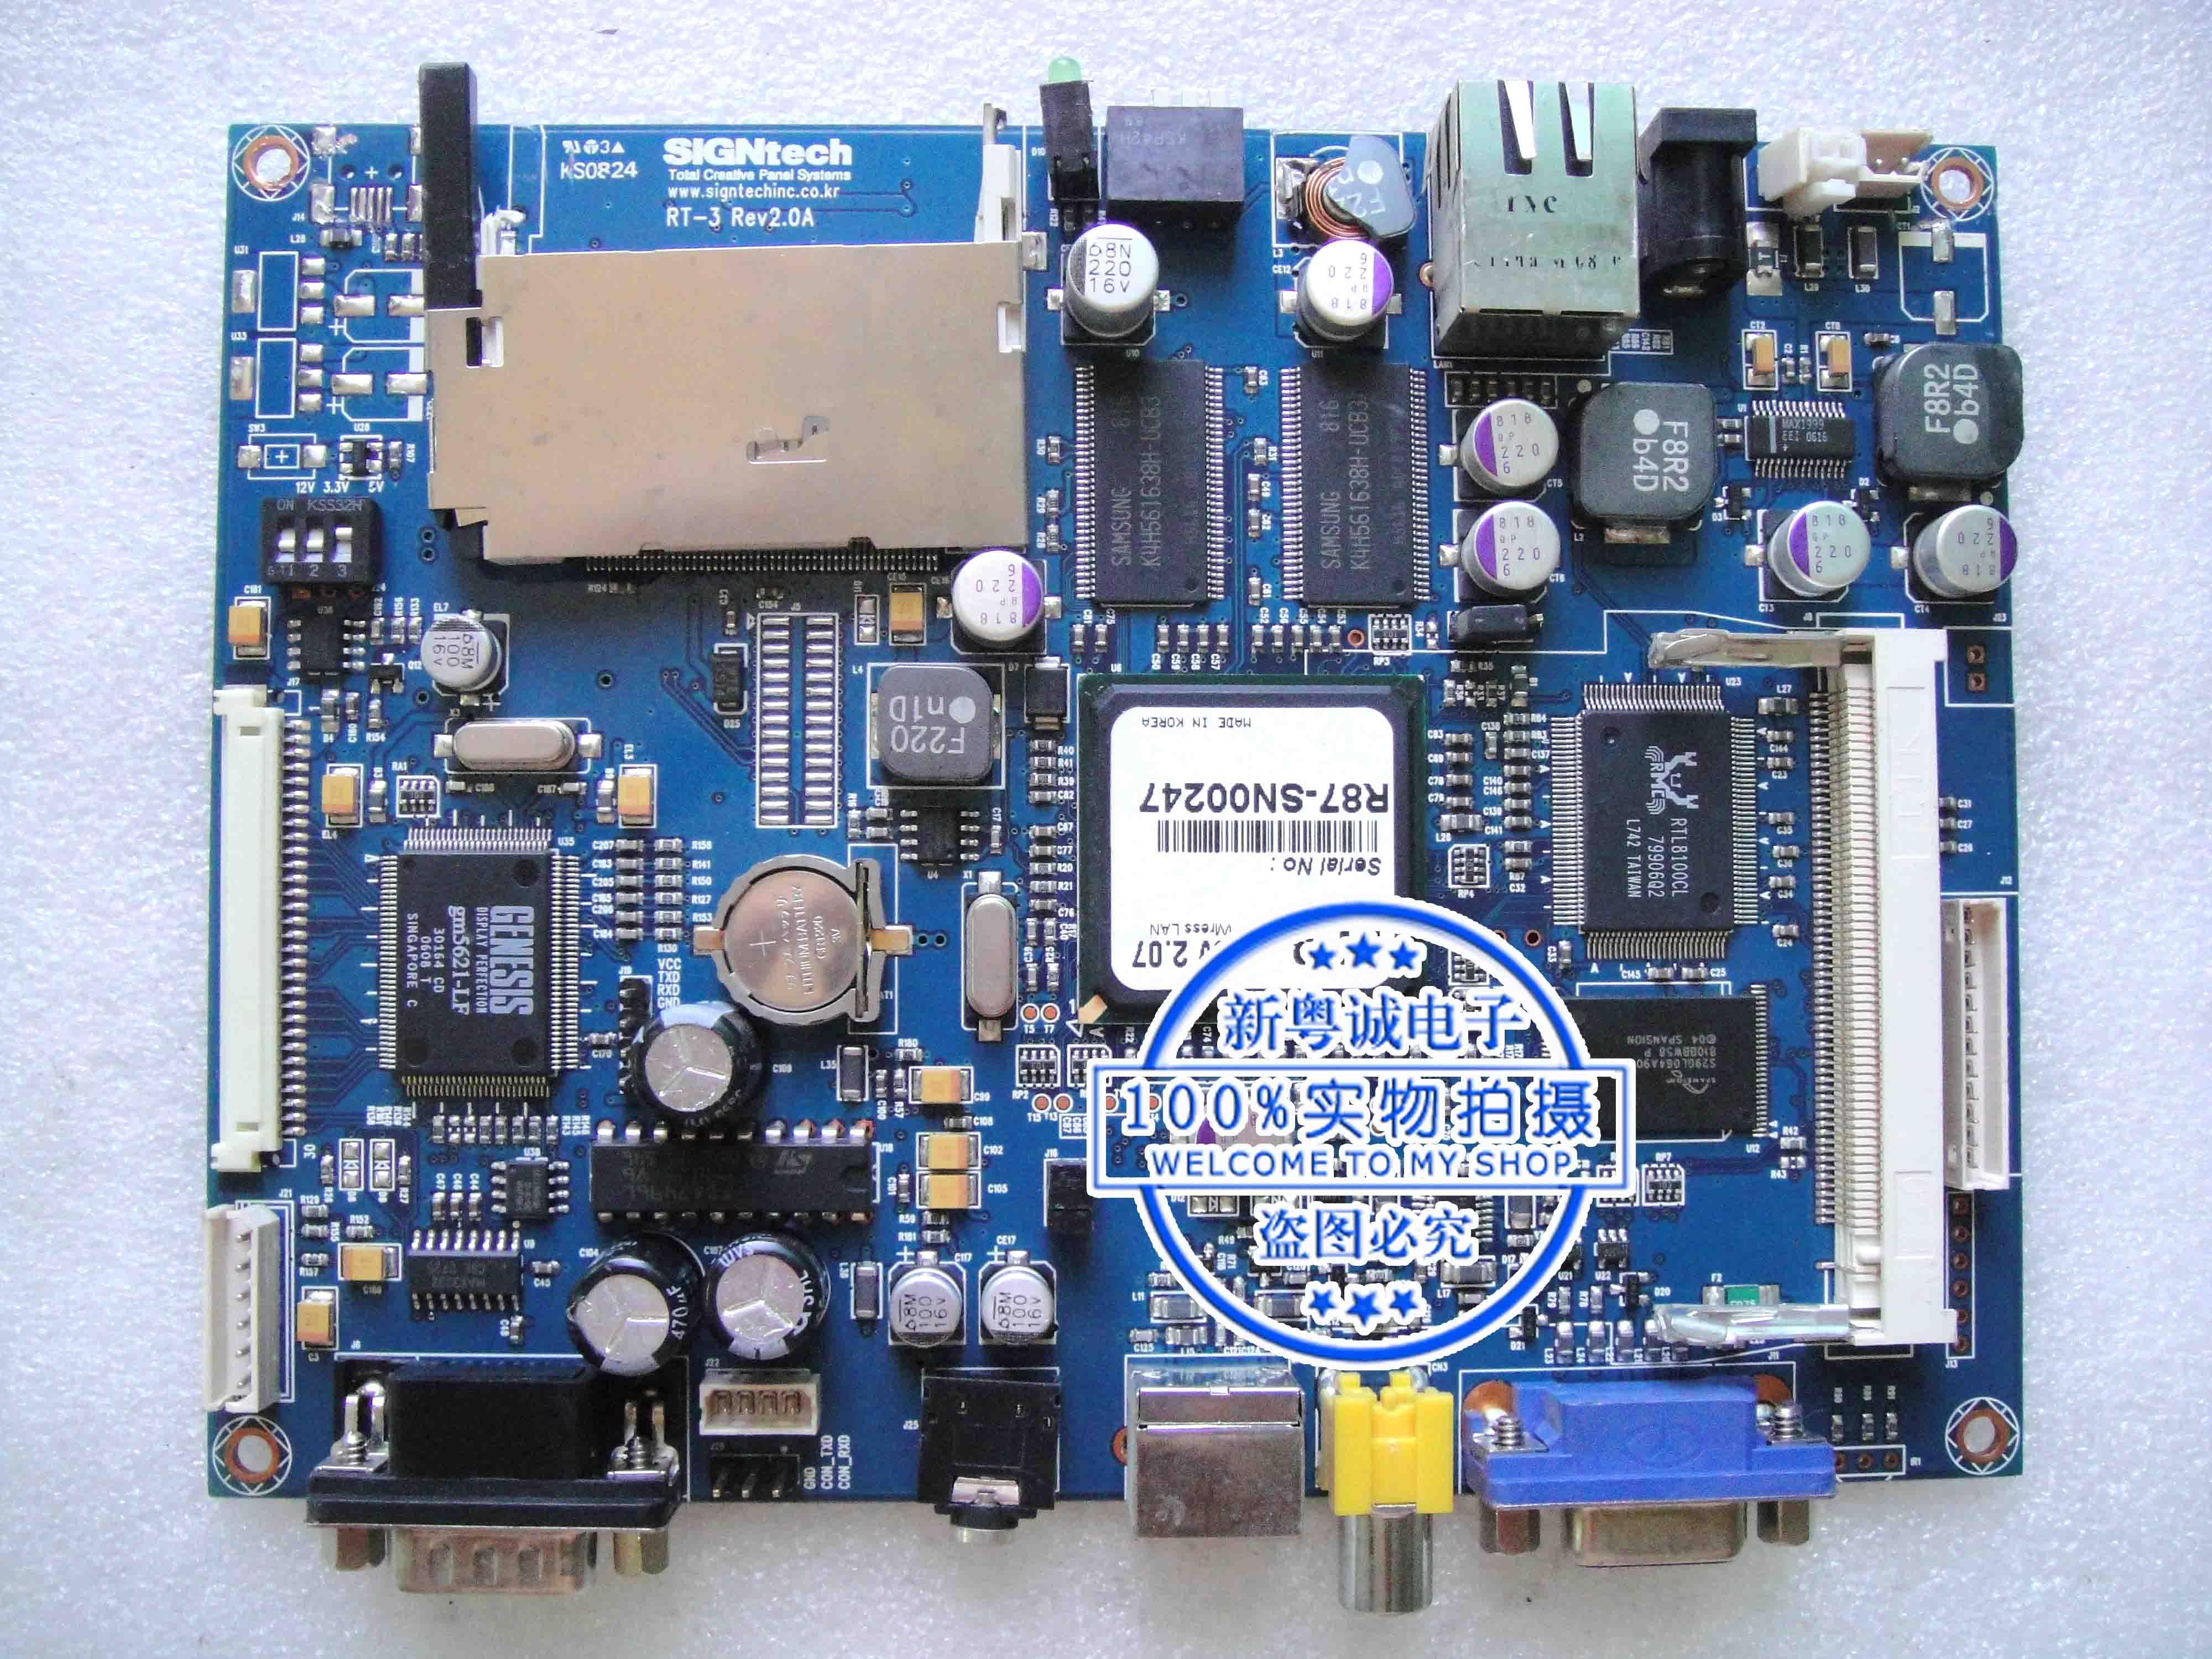 SIGNTECH KS0824 RT-3 REV2.0A R87-NS00247